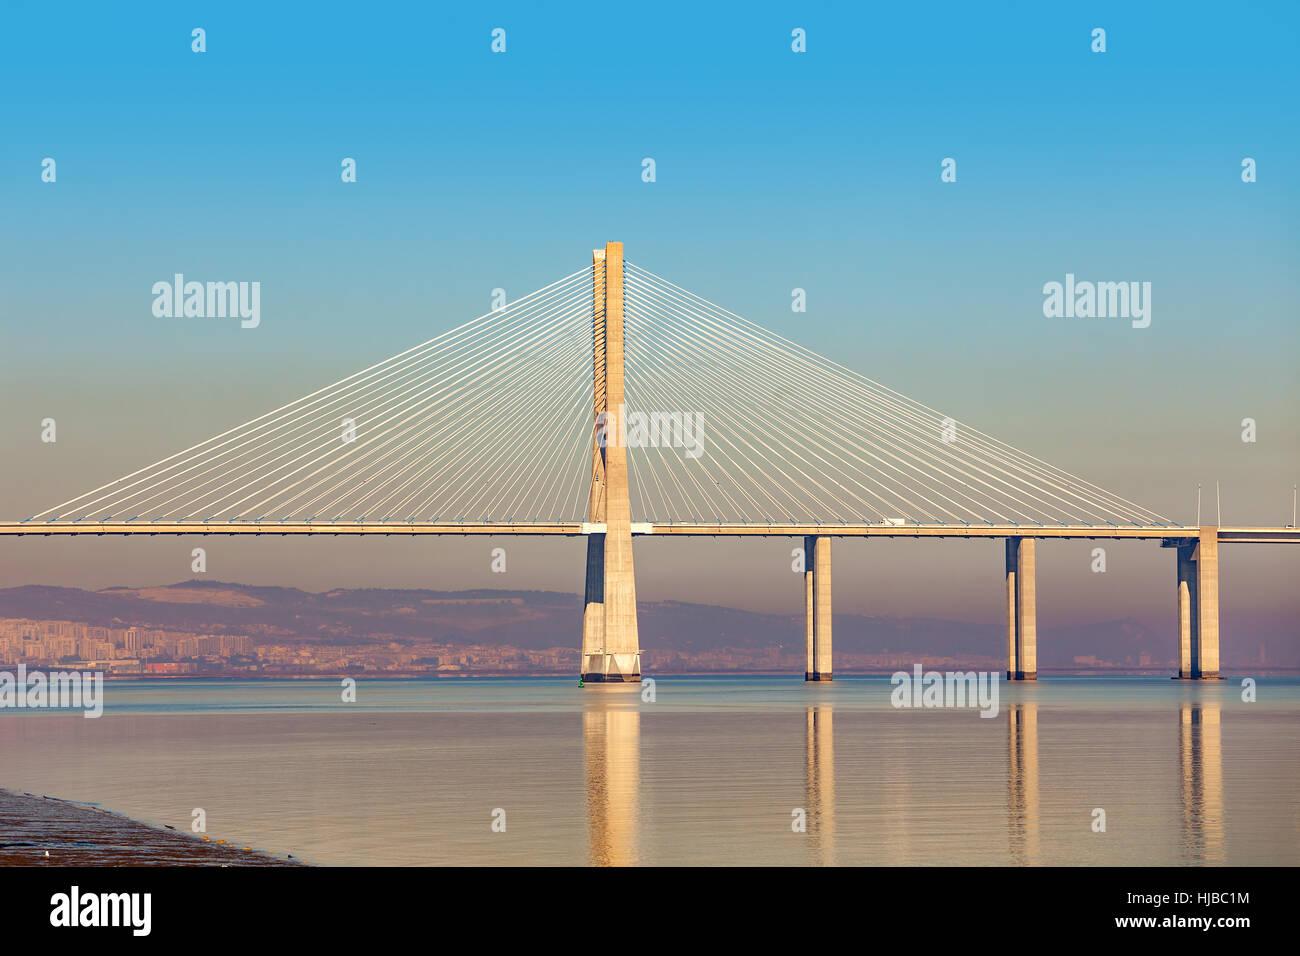 View of modern Vasco da Gama bridge in Lisbon, Portugal. - Stock Image